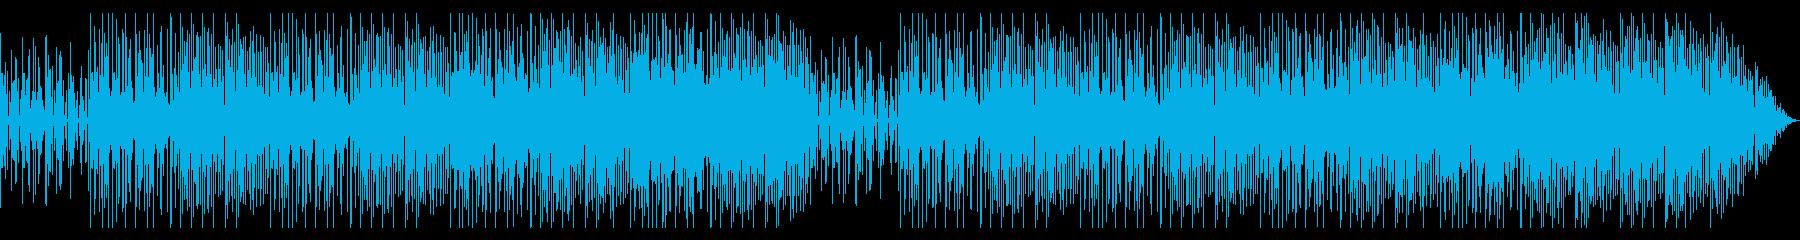 ソリッドで加速感のあるテクノ風ビートの再生済みの波形